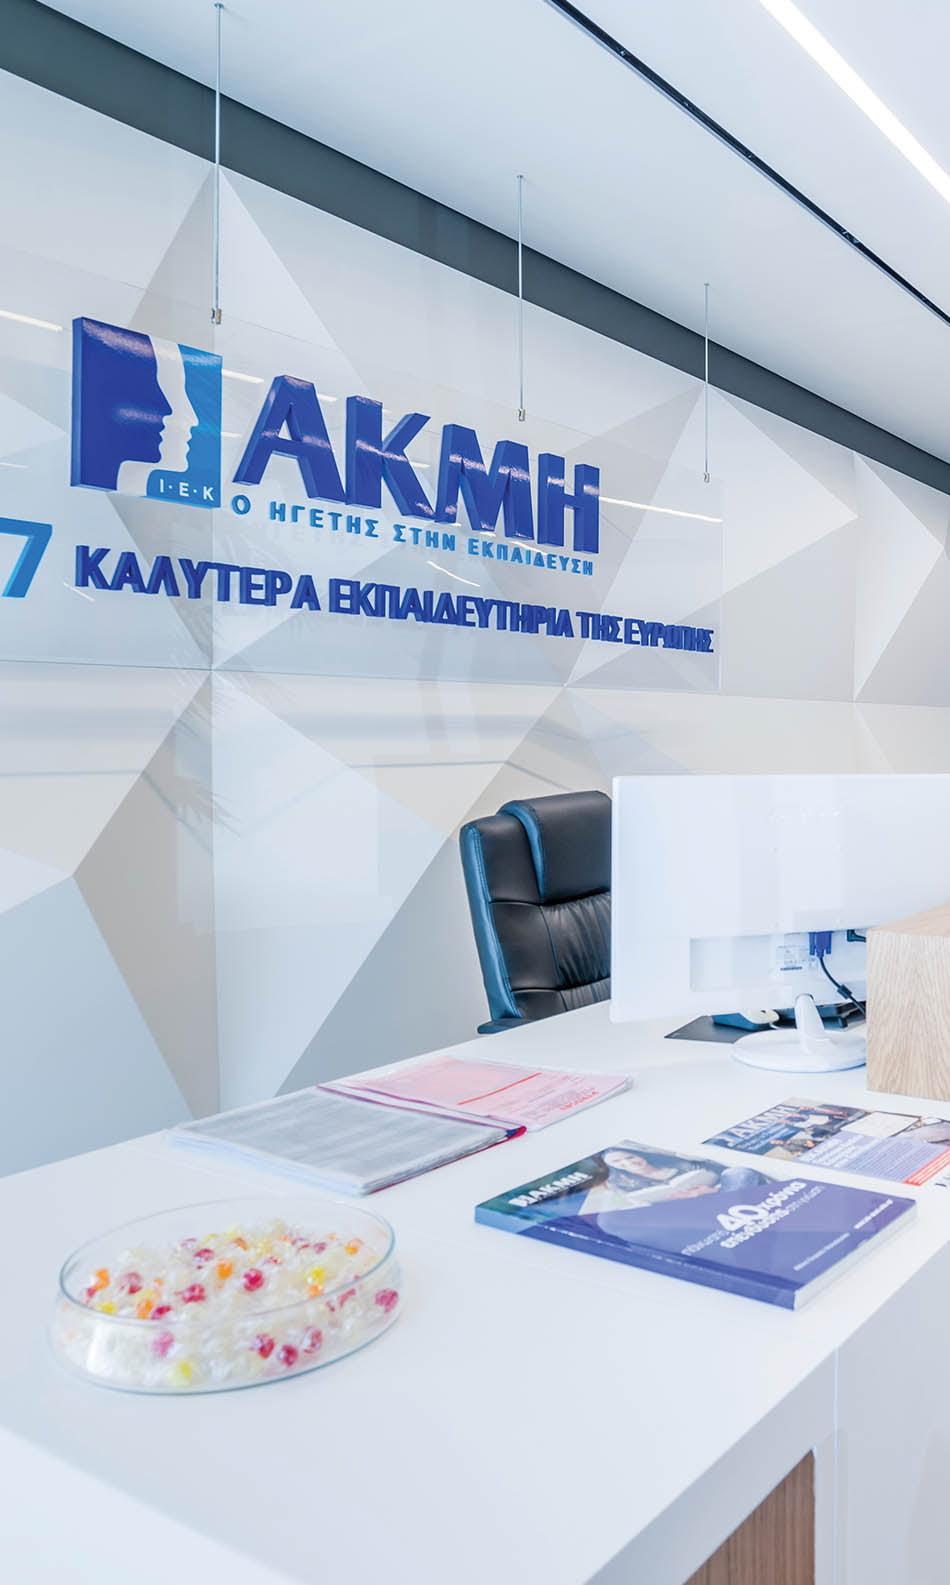 ΙΕΚ ΑΚΜΗ: Σχολή Αθήνας